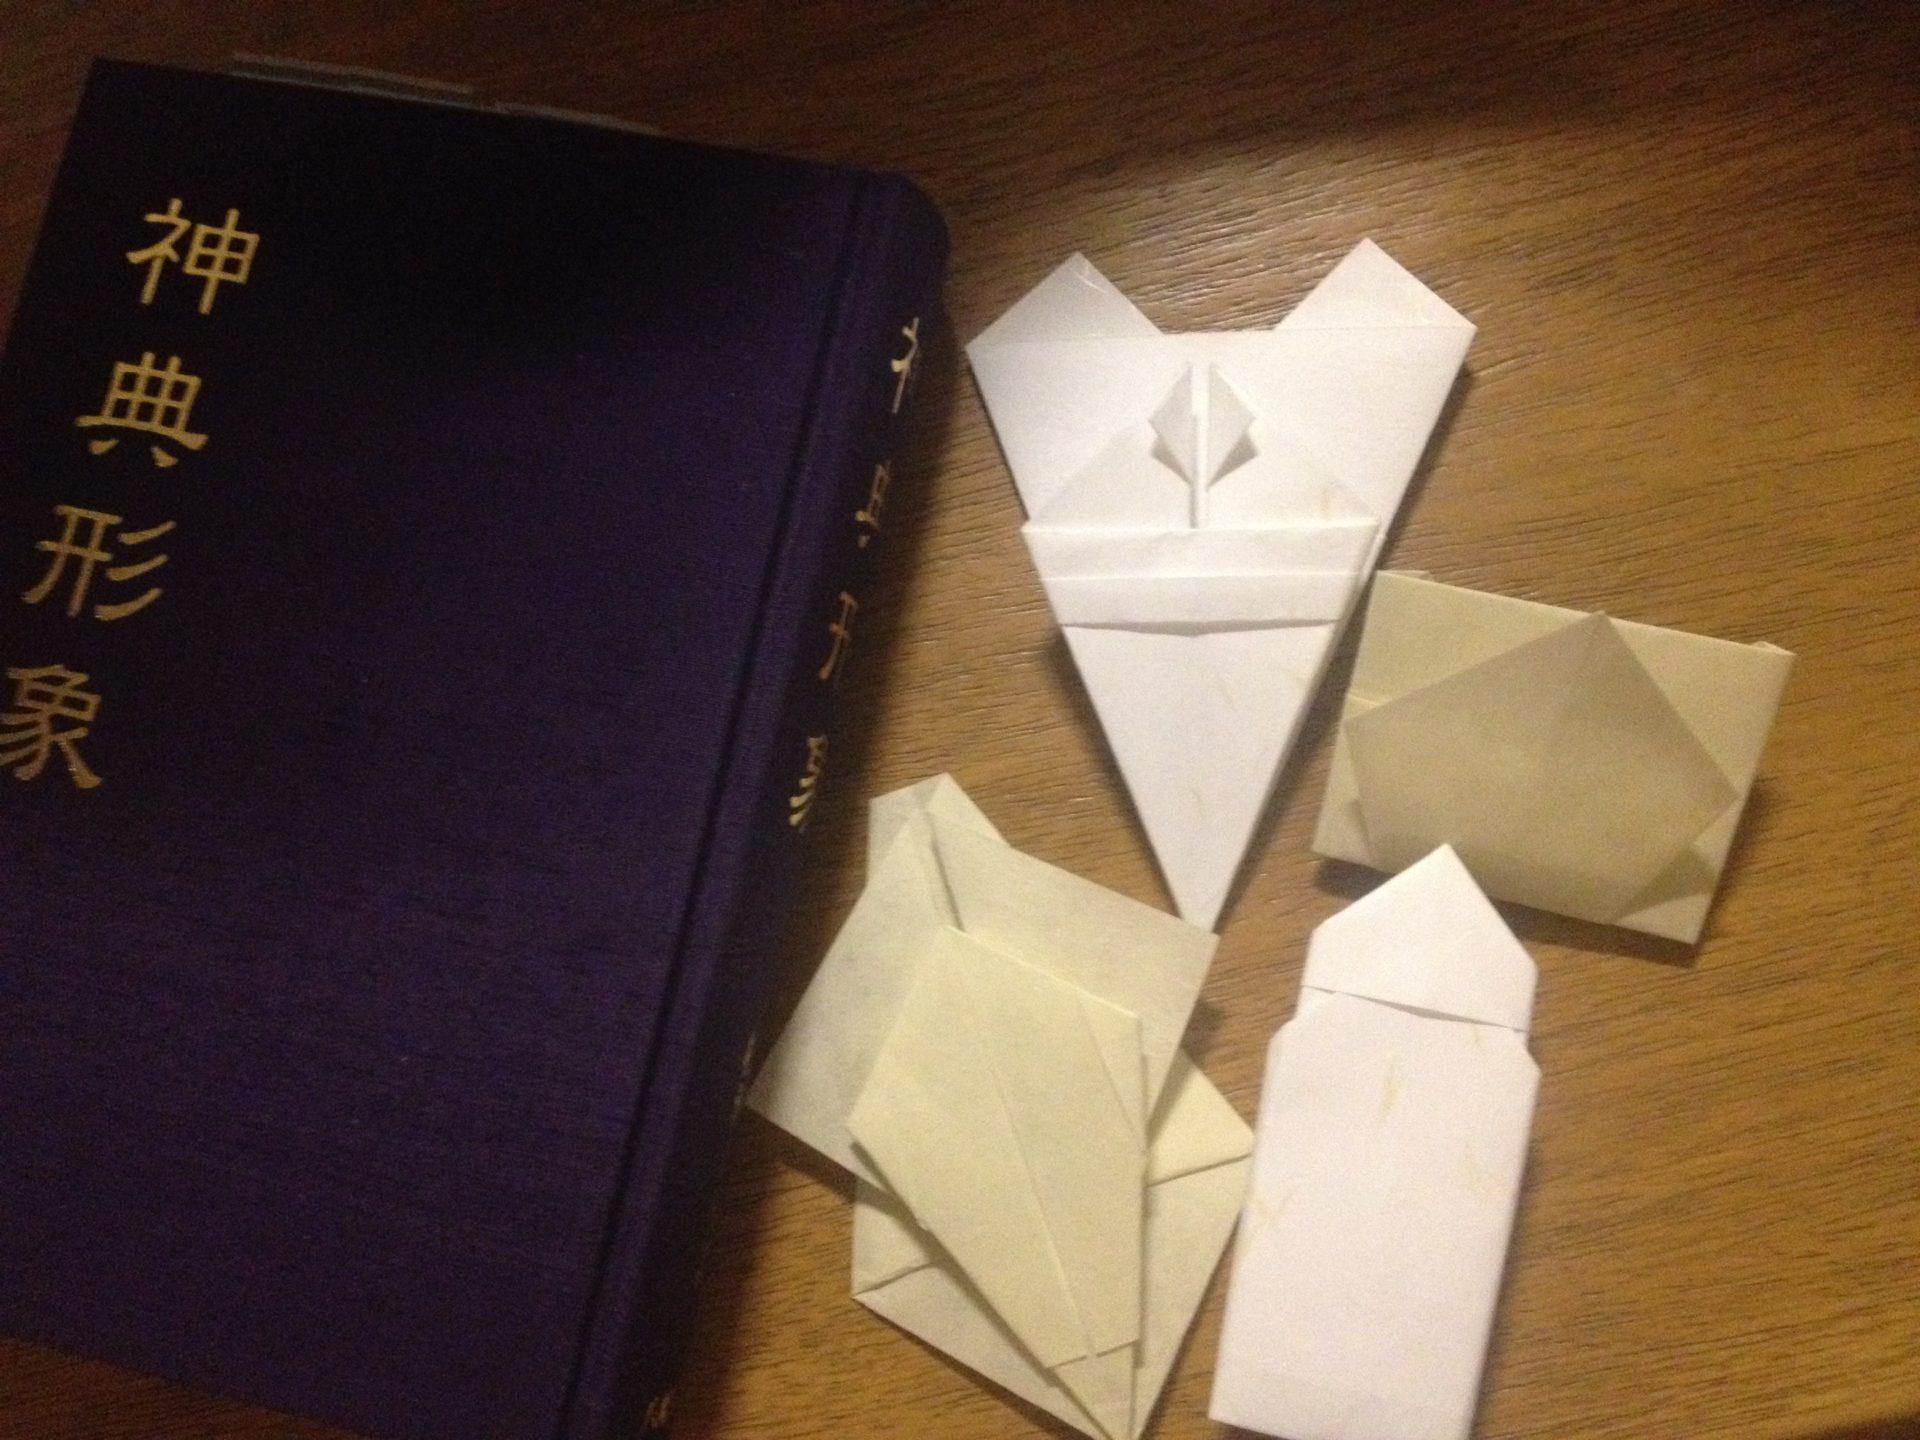 折って作って開運してしまいました! 折符の護符作り個人レッスンを開催しました